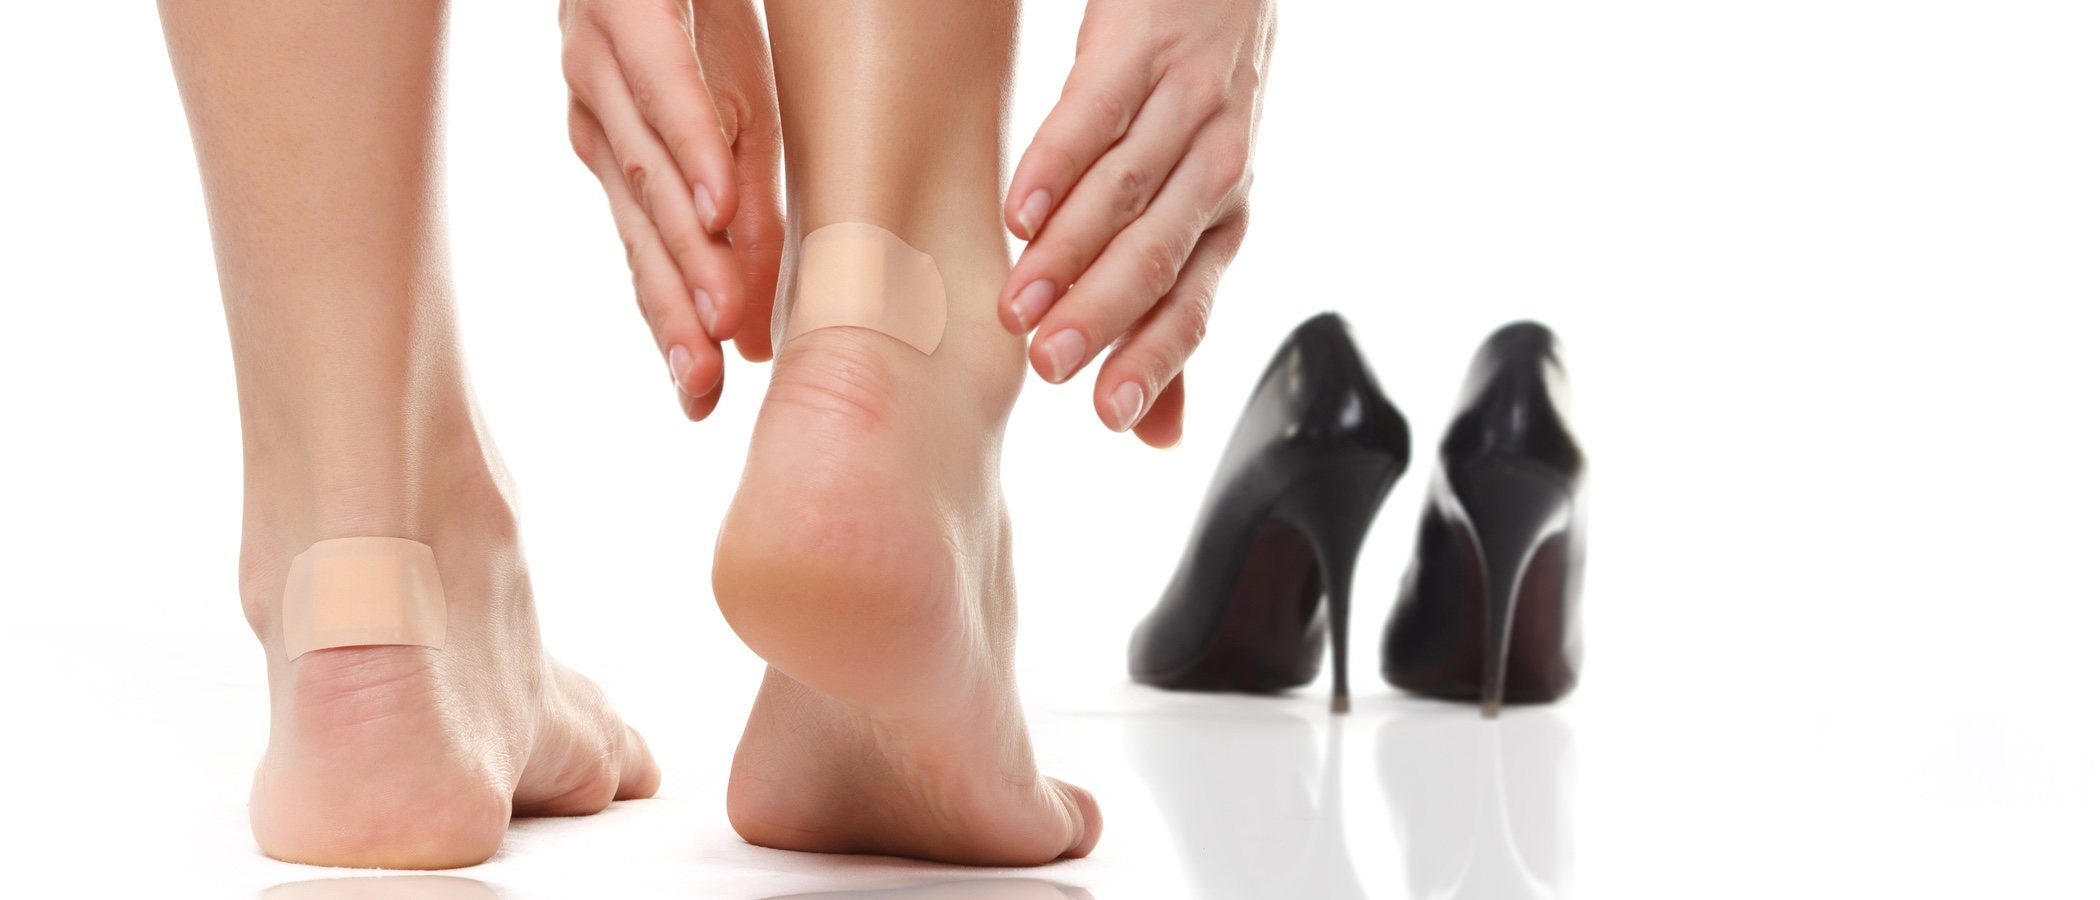 Rozaduras en los pies: adiós a los dolores